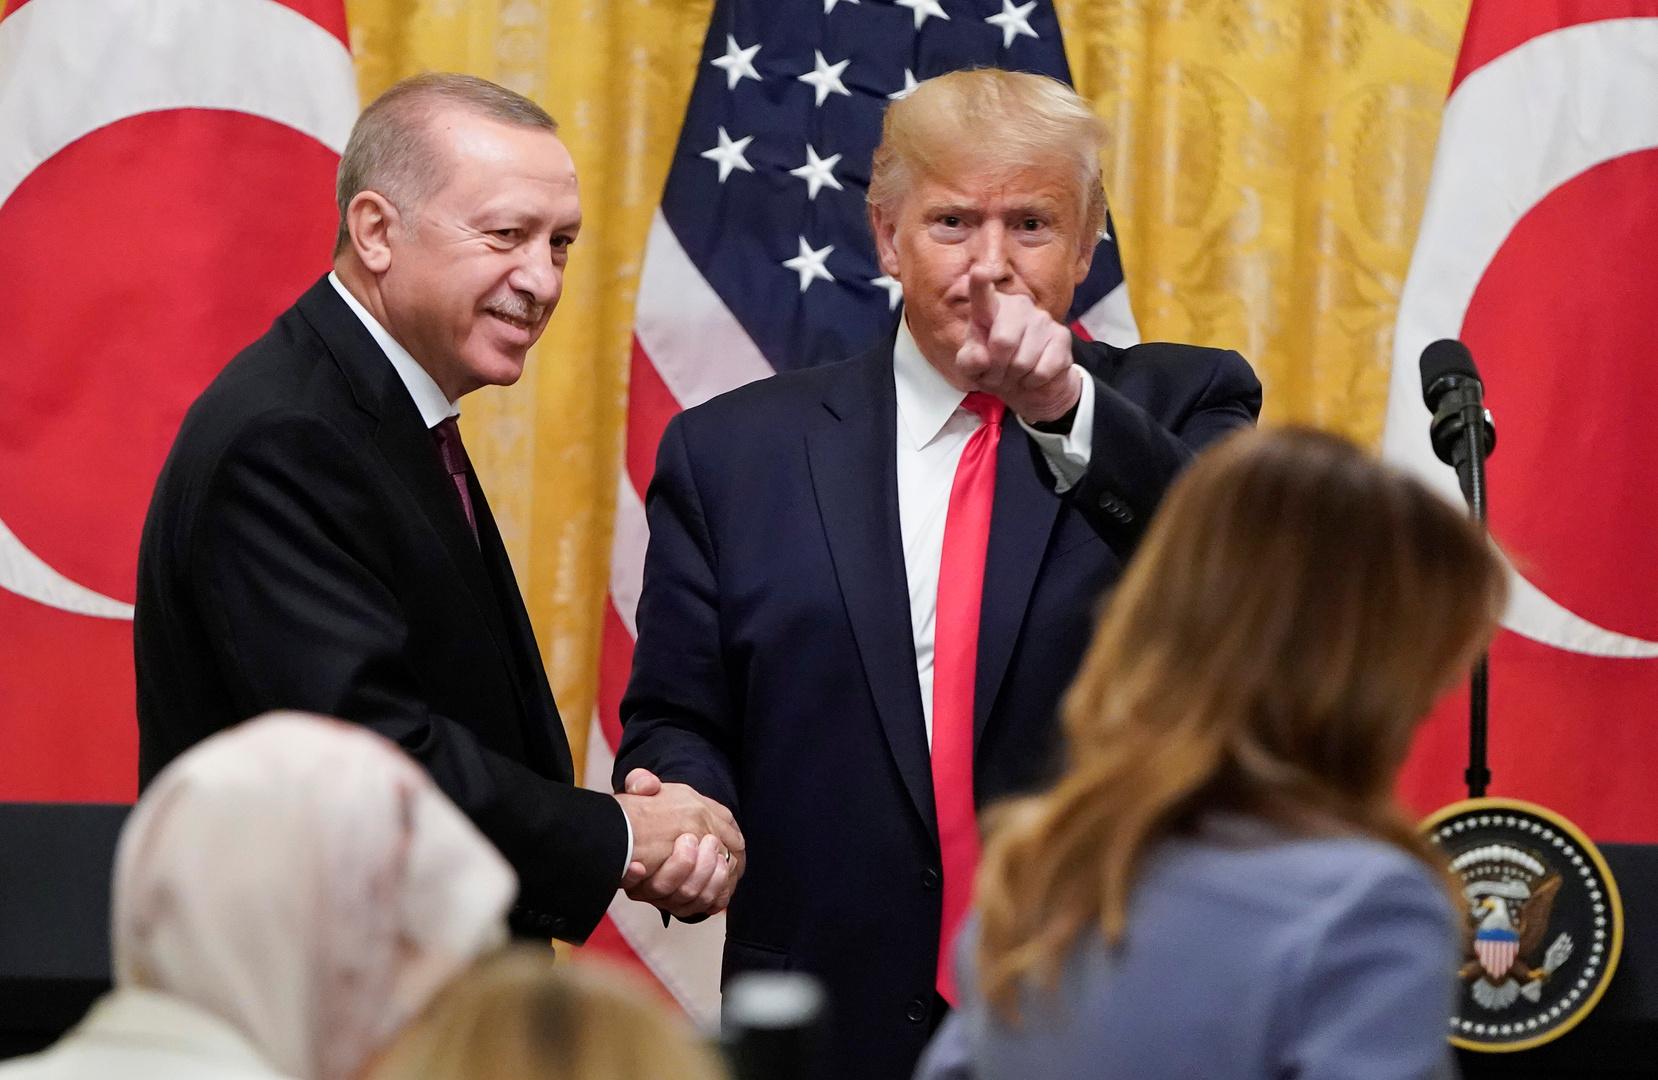 الولايات المتحدة تخلق مشاكل لتركيا في البحر الأسود